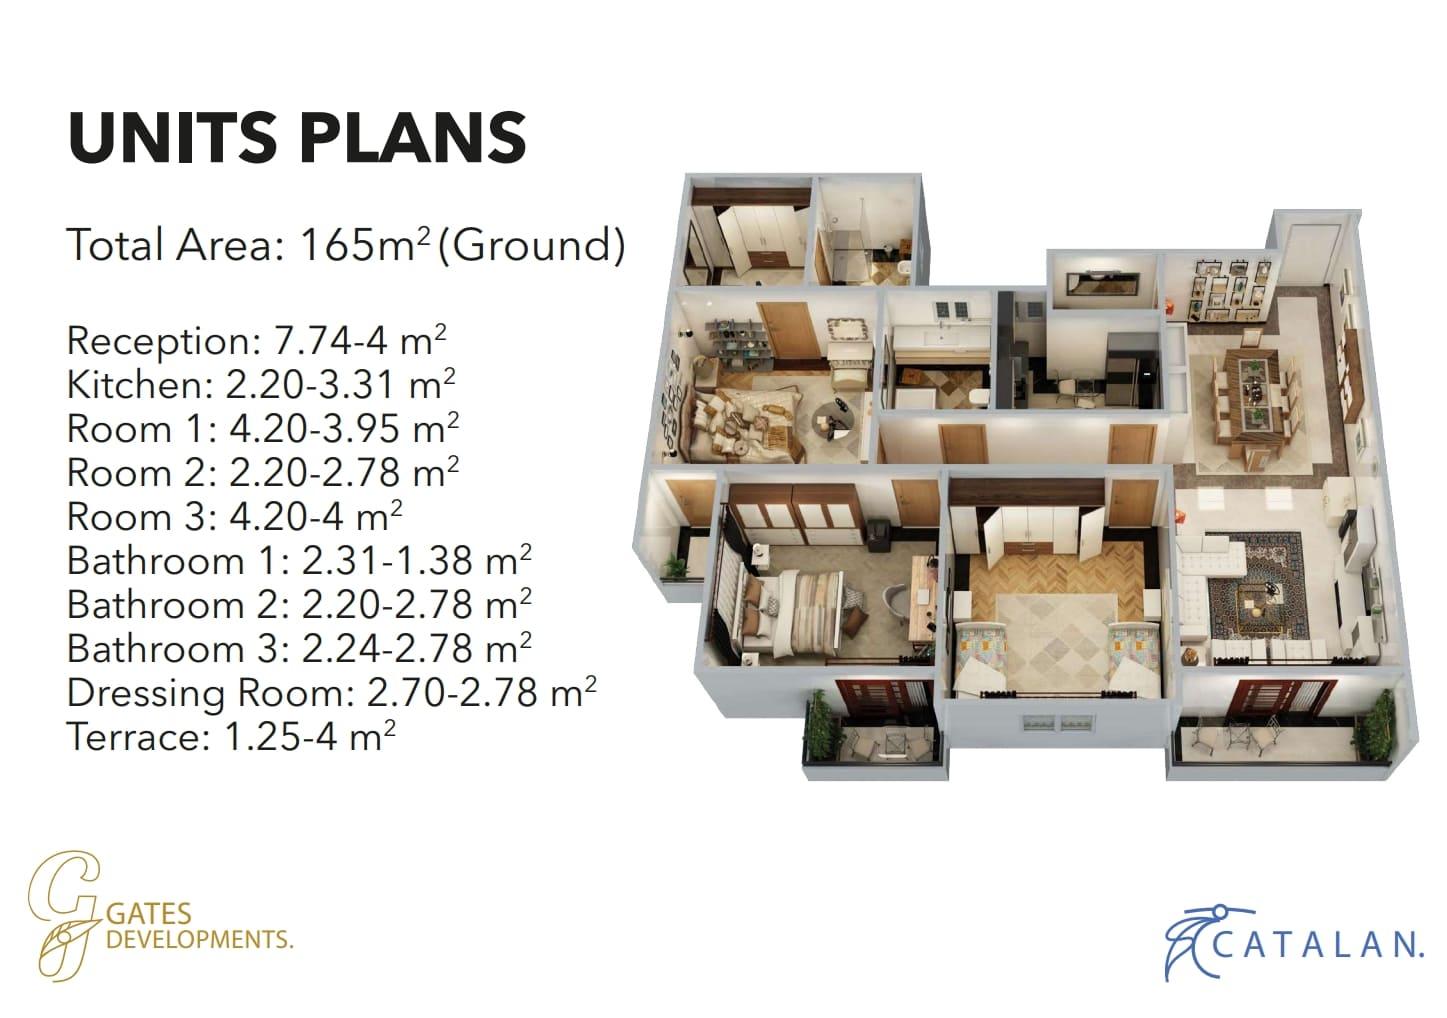 شقة للبيع165م بالعاصمة الادارية في كمبوند Catalan بتسهيلات تصل الي10سنوات